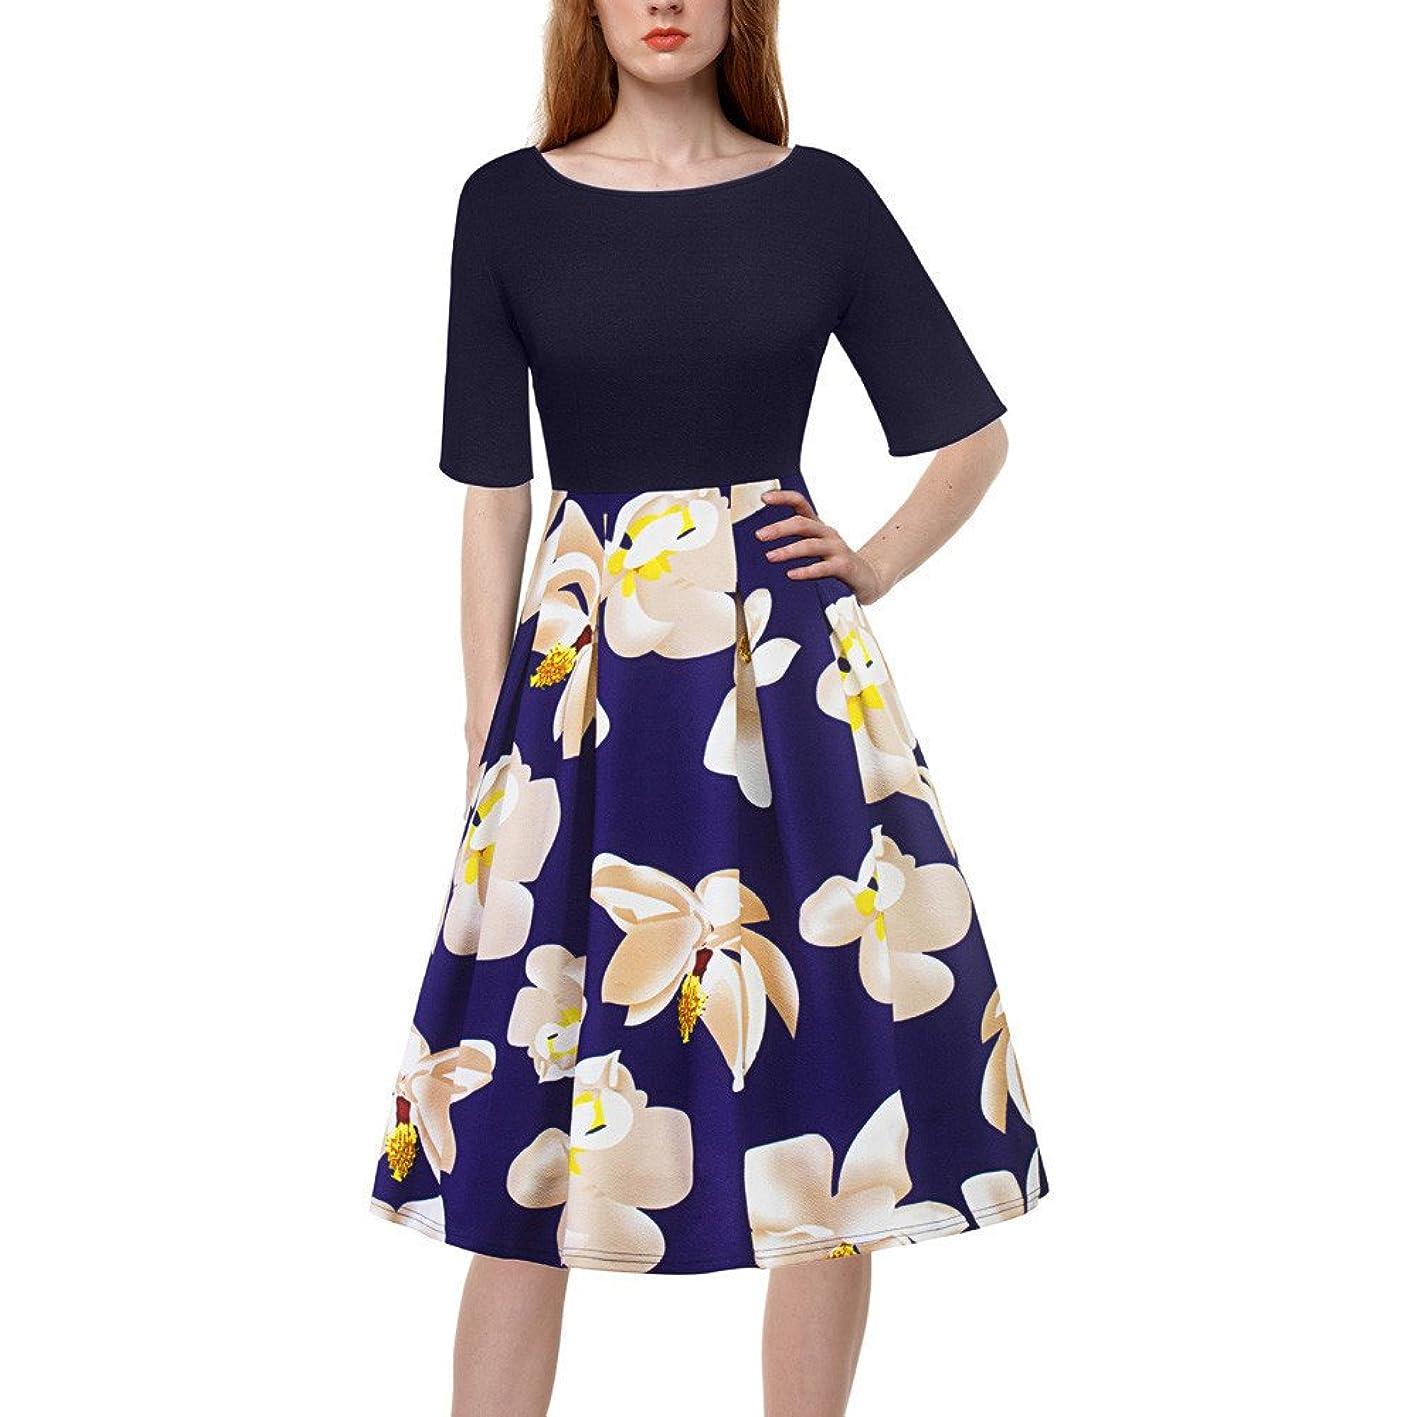 覗く自由順応性のあるワンピース Timsa プリントワンピース 花柄 ドレス レディース マキシワンピース 春夏 スプリットスカート 半袖 サンドレス 女性 ジャンパースカート シンプル ロングスカート 通勤 日常用